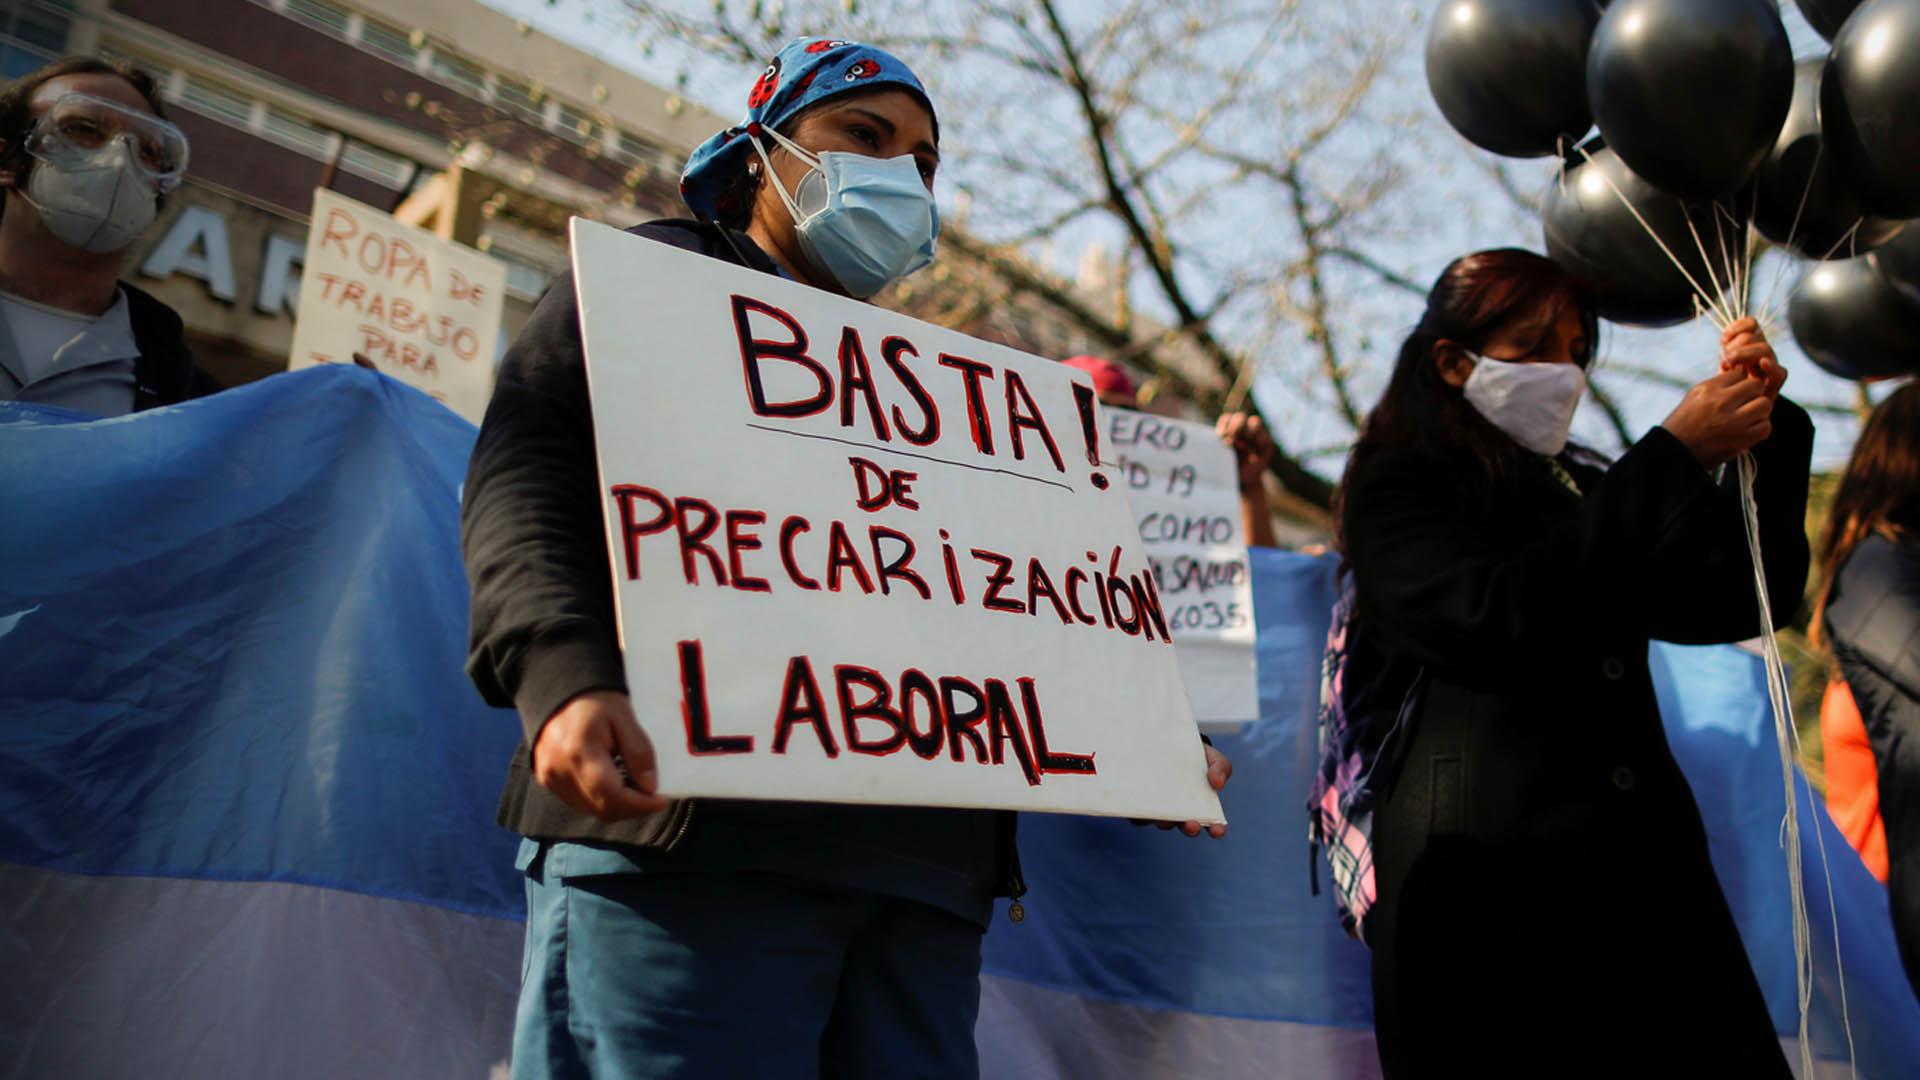 El sistema sanitario argentino está al borde del colapso por Covid, alertan médicos